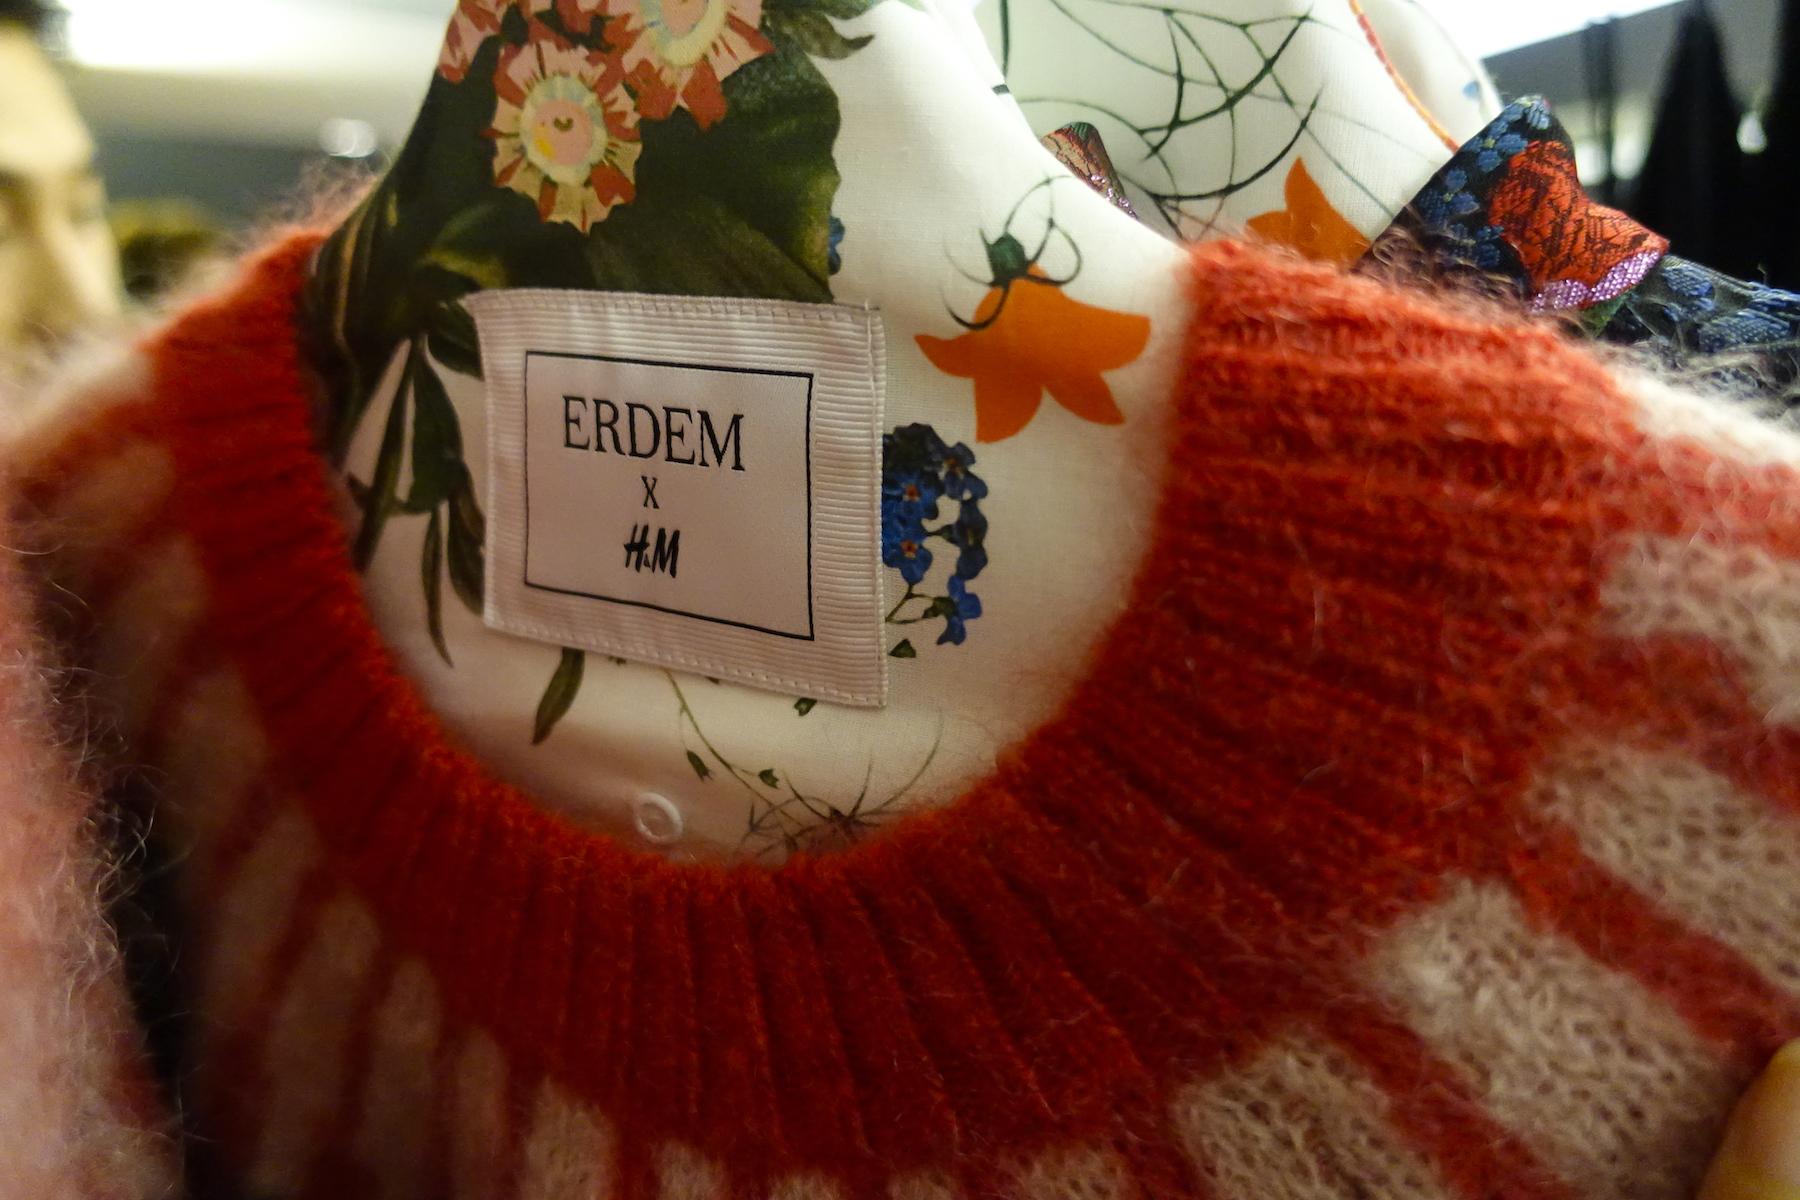 ERDEM x H&M_37